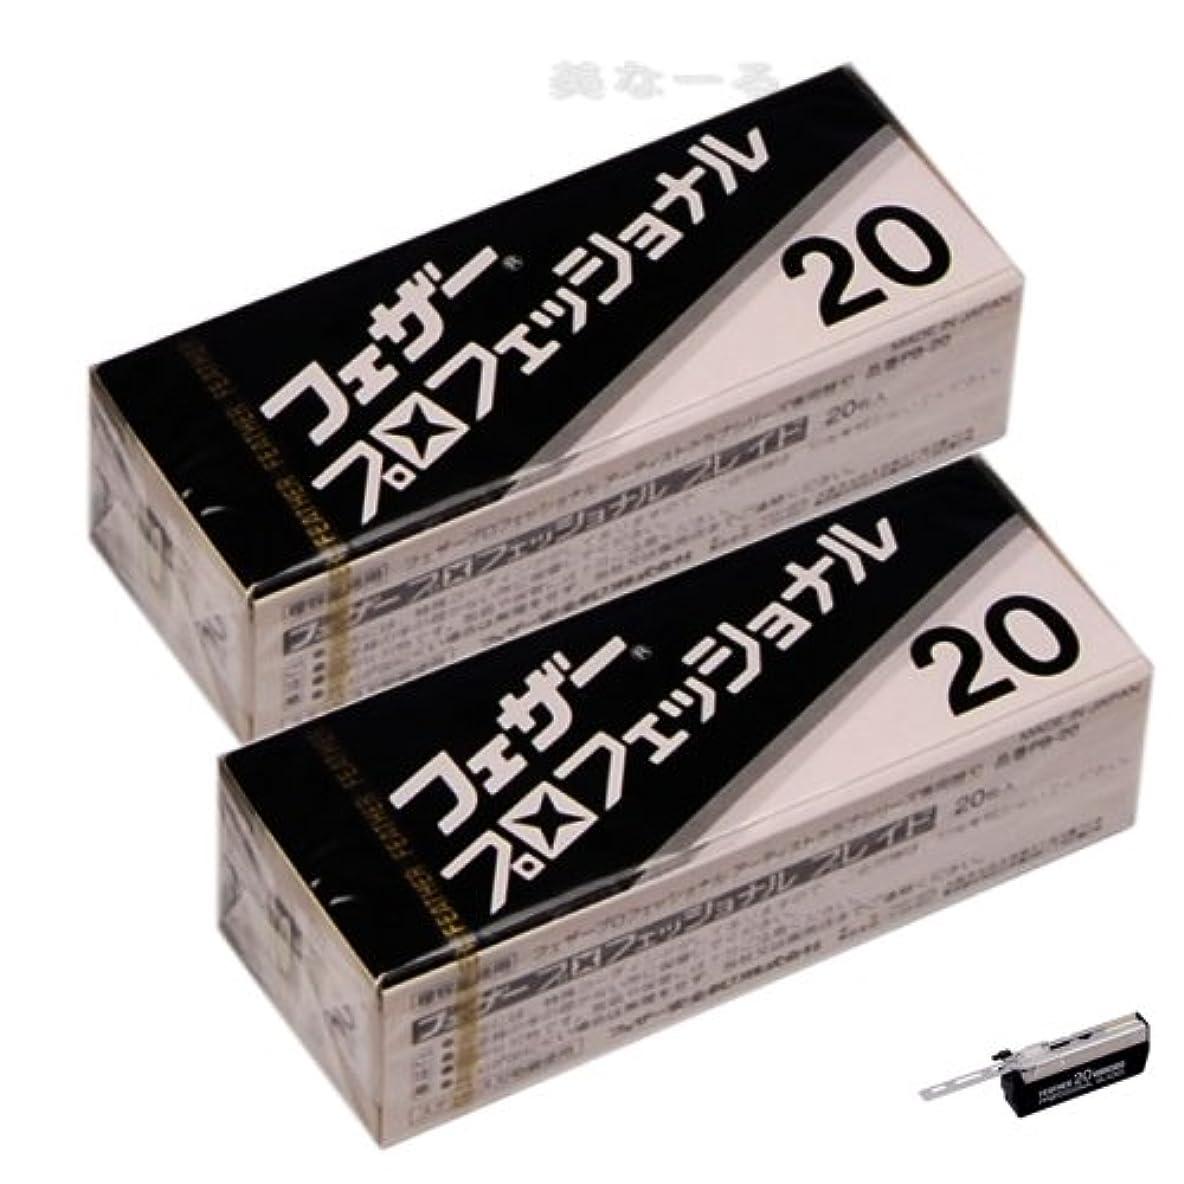 虫名声評決【2個セット】フェザープロフェッショナルブレイド 20枚入 PB-20